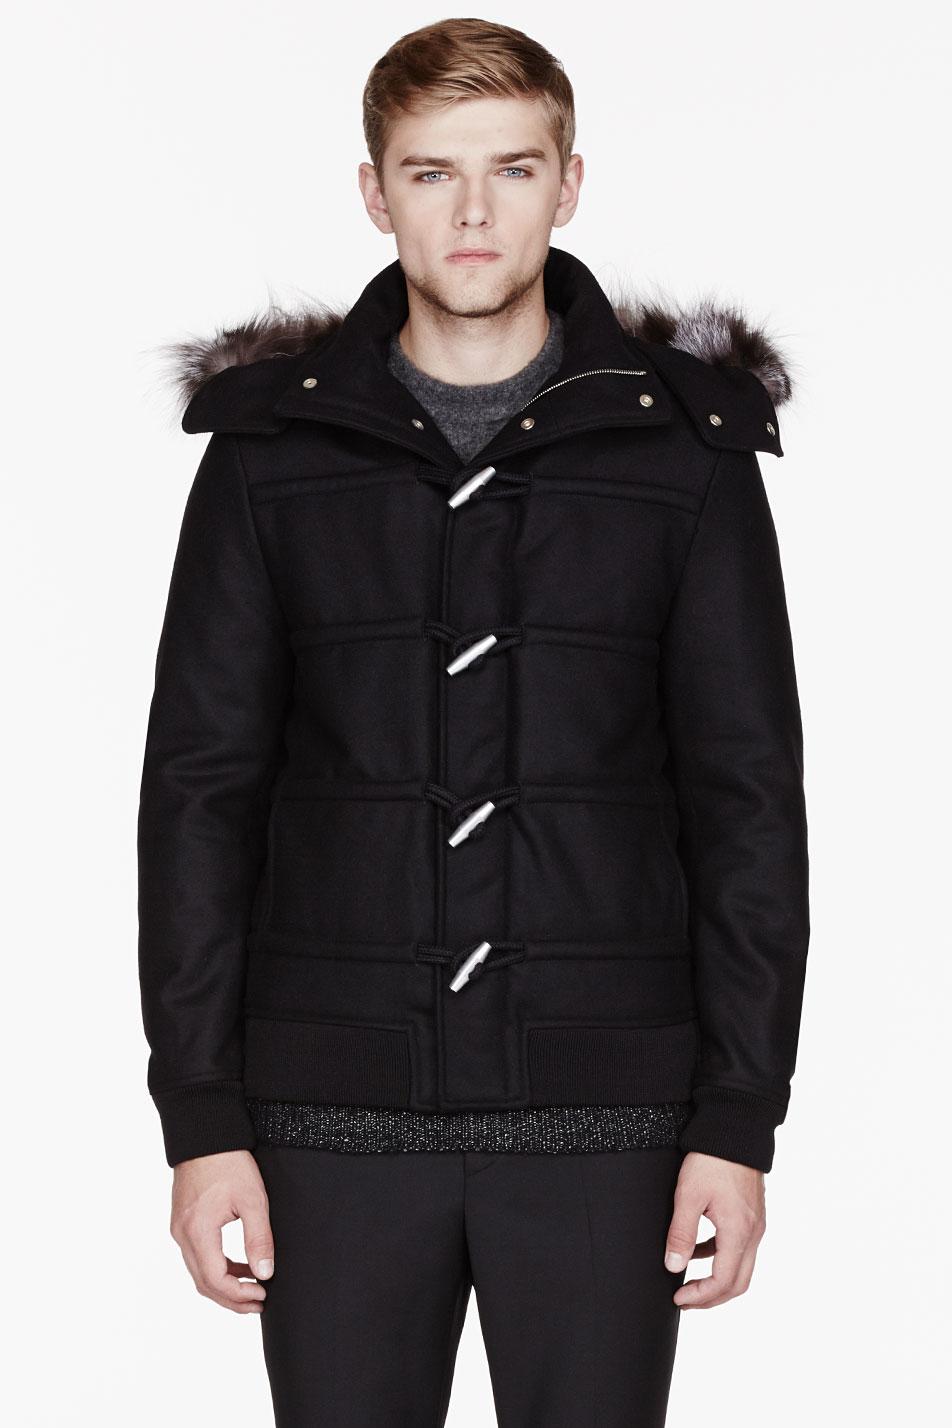 Kris van assche Black Wool and Fur Hooded Duffle Coat in Black for